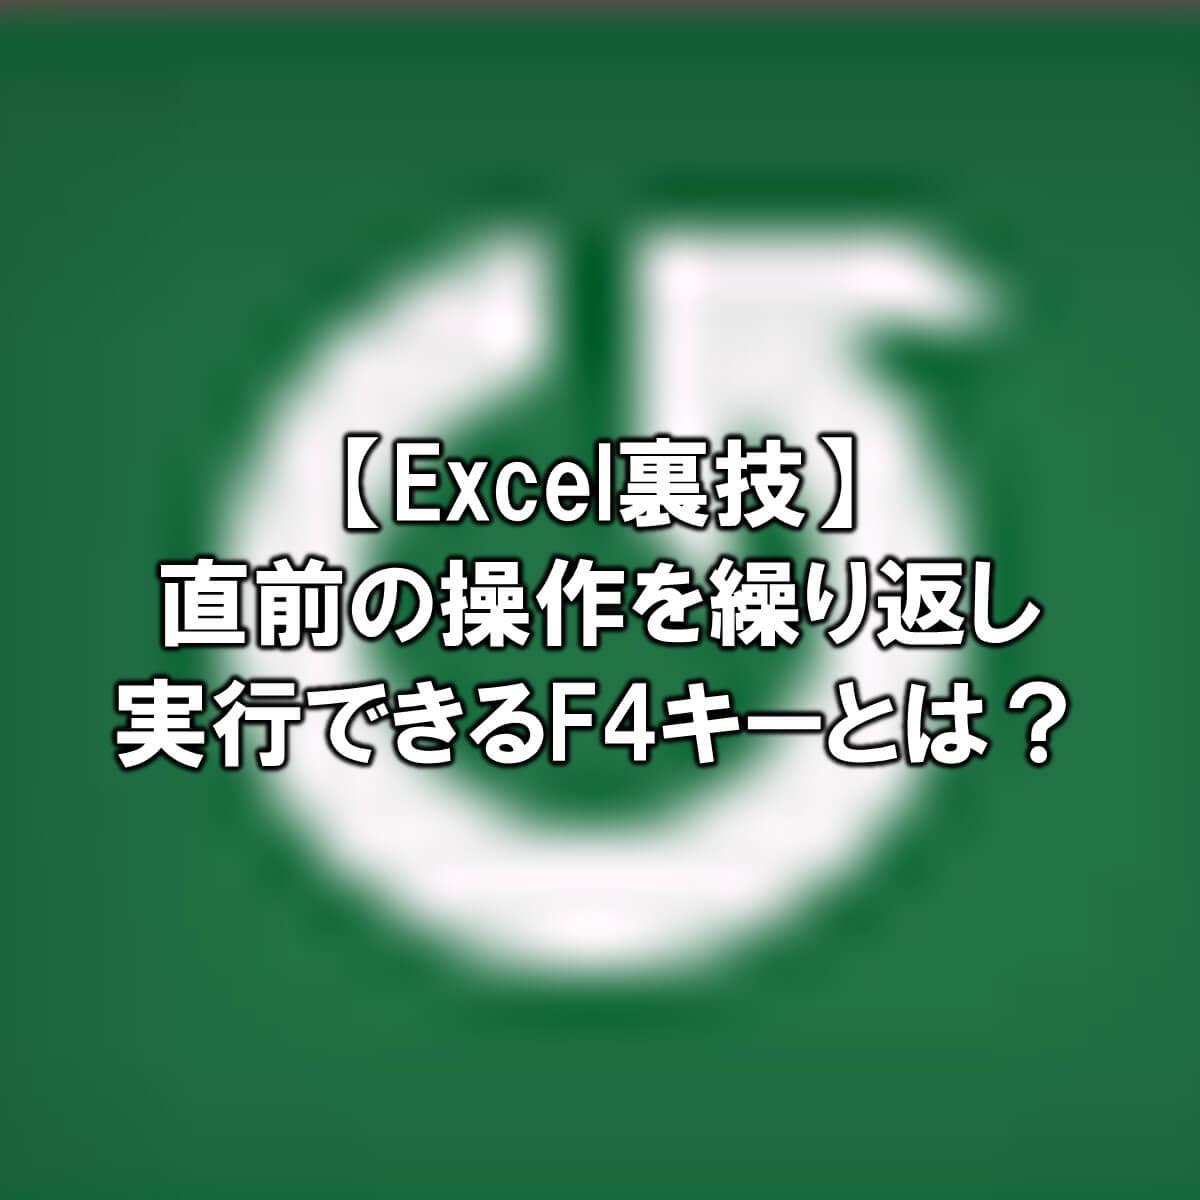 【Excel裏技】直前の操作を繰り返し実行できるF4キーとは?